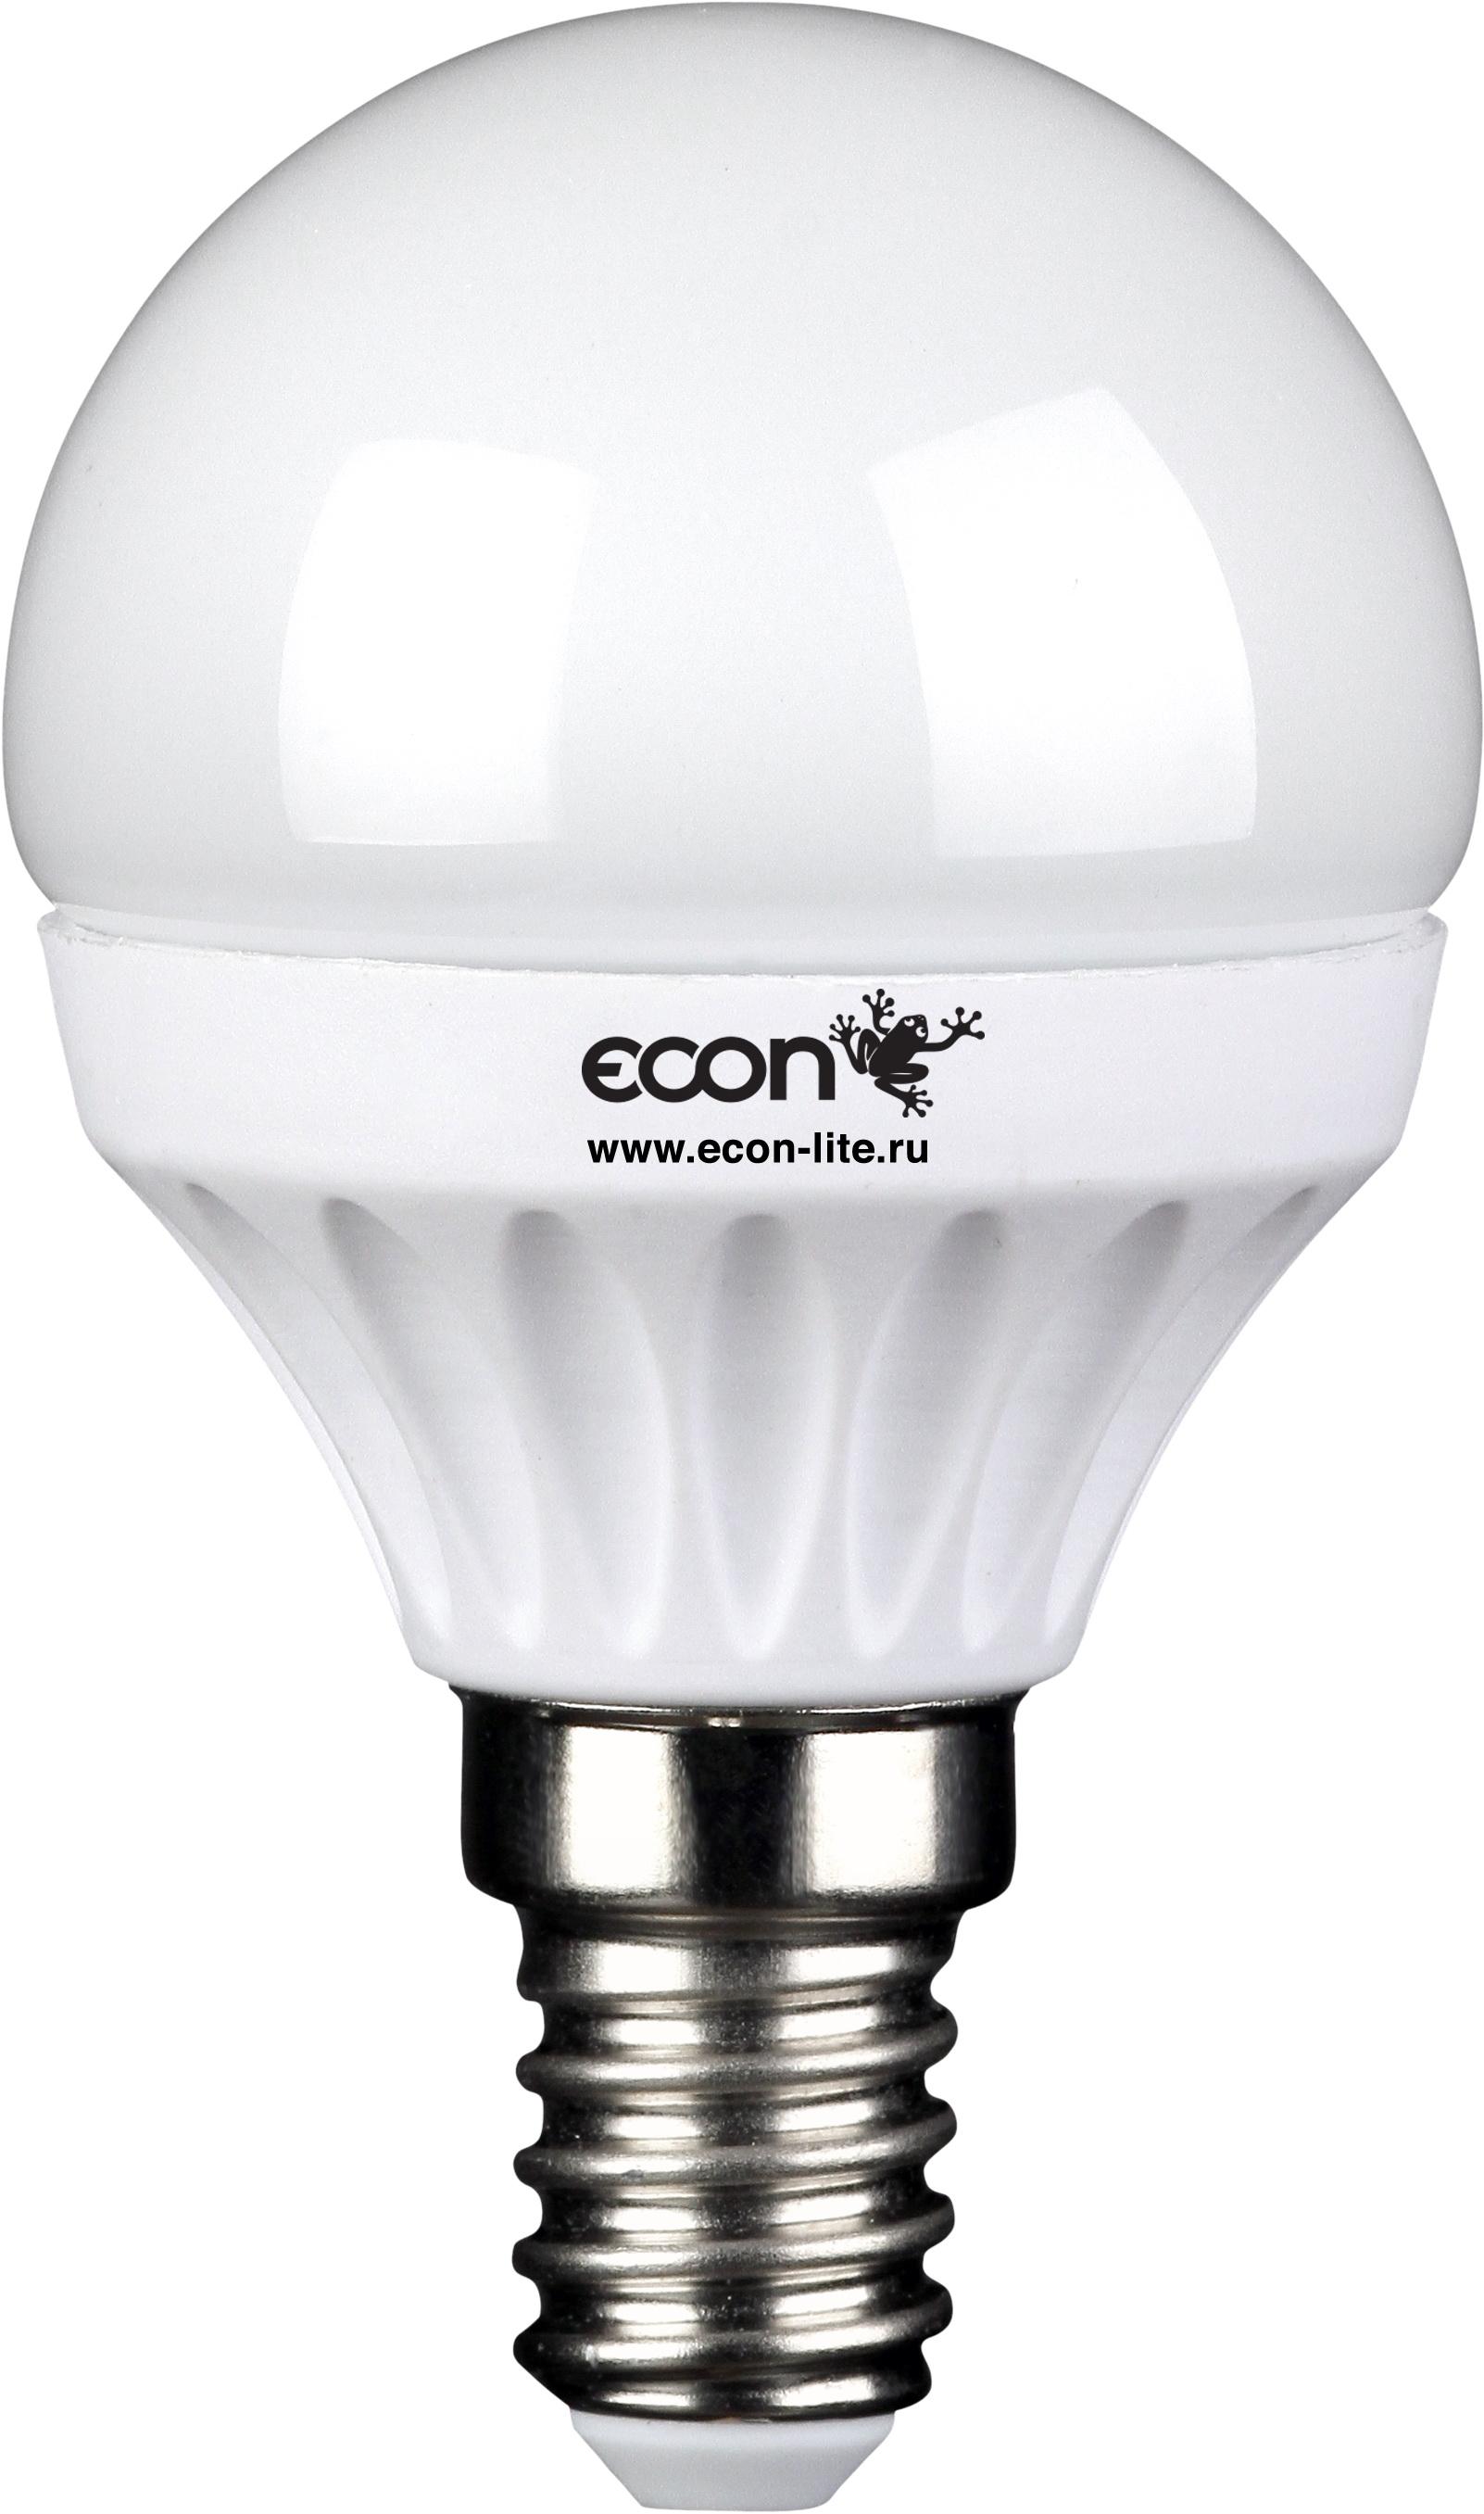 Лампа светодиодная EconЛампы<br>Тип лампы: светодиодная,<br>Форма лампы: шар,<br>Цвет колбы: прозрачная,<br>Тип цоколя: Е14,<br>Напряжение: 220,<br>Мощность: 5,<br>Цветовая температура: 3000,<br>Цвет свечения: нейтральный<br>